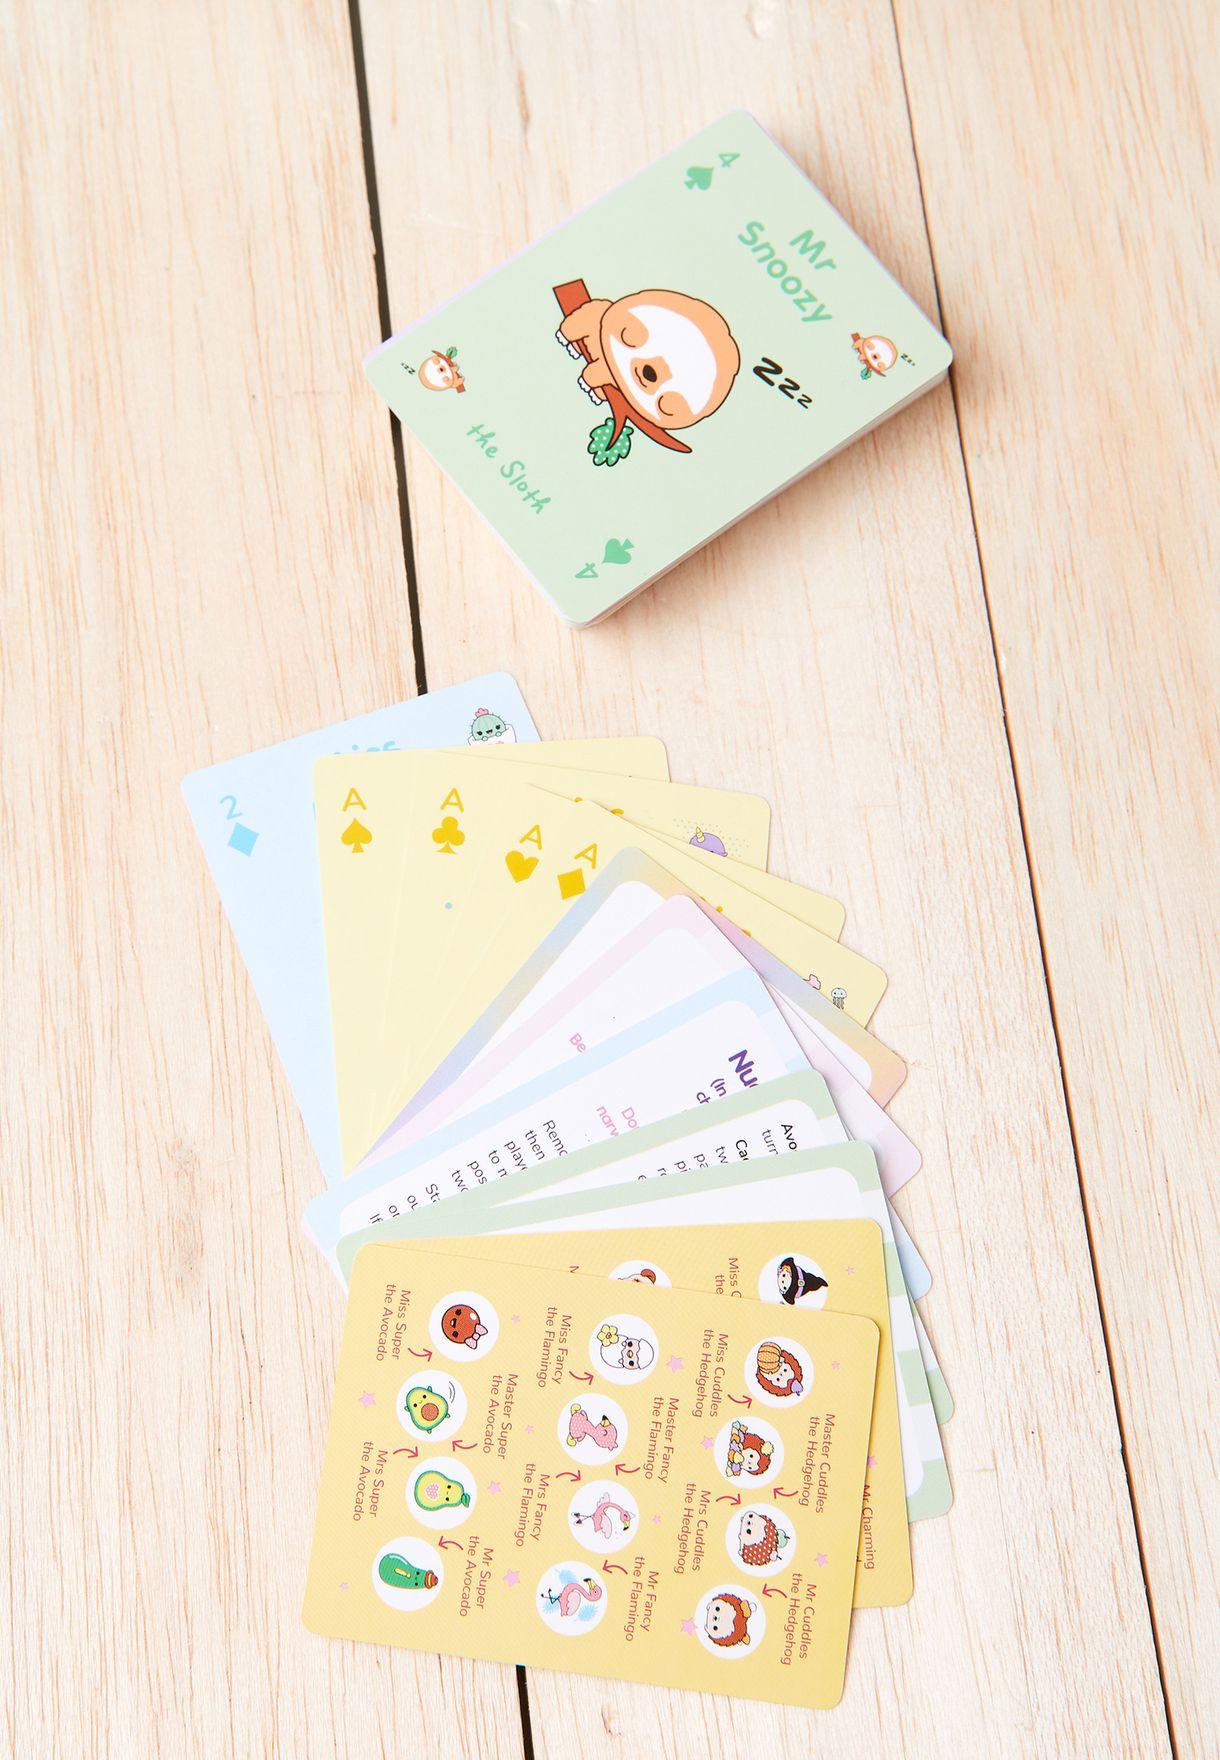 بطاقات العاب الورق